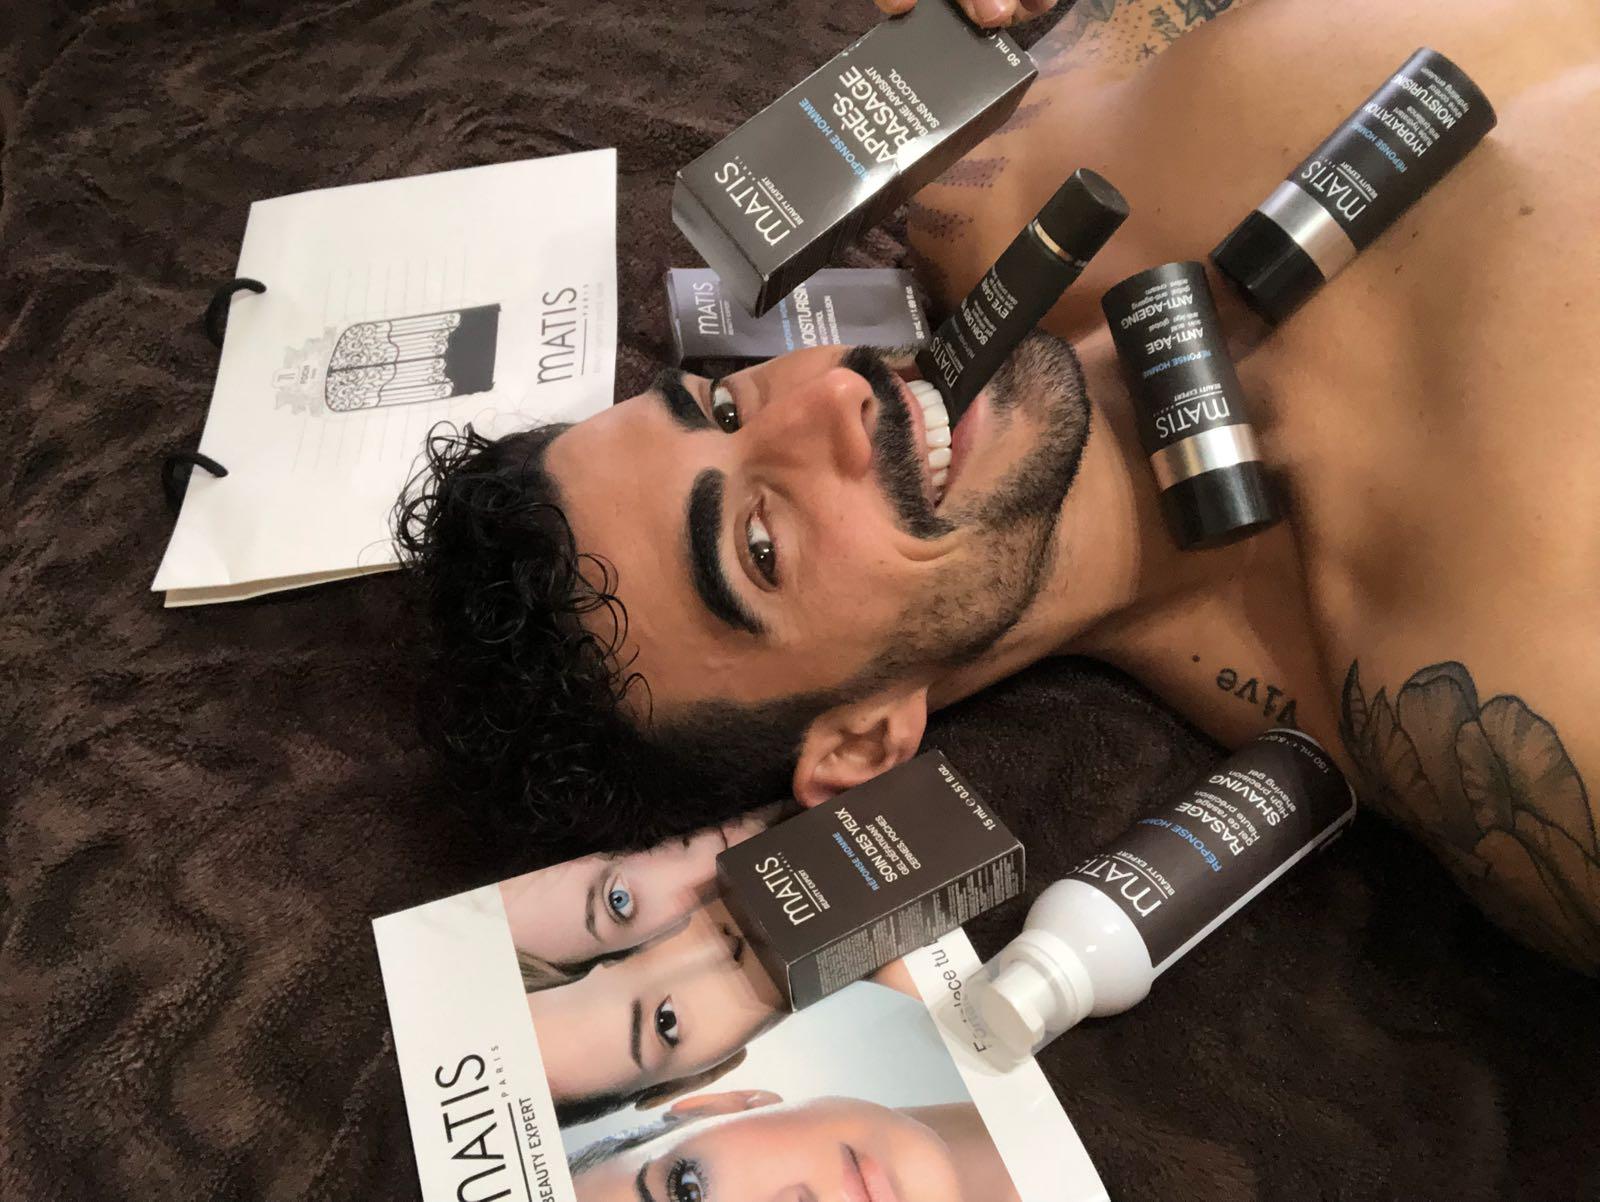 Cuidados cosméticos para hombre: el contorno de ojos según Rubén Castillero.